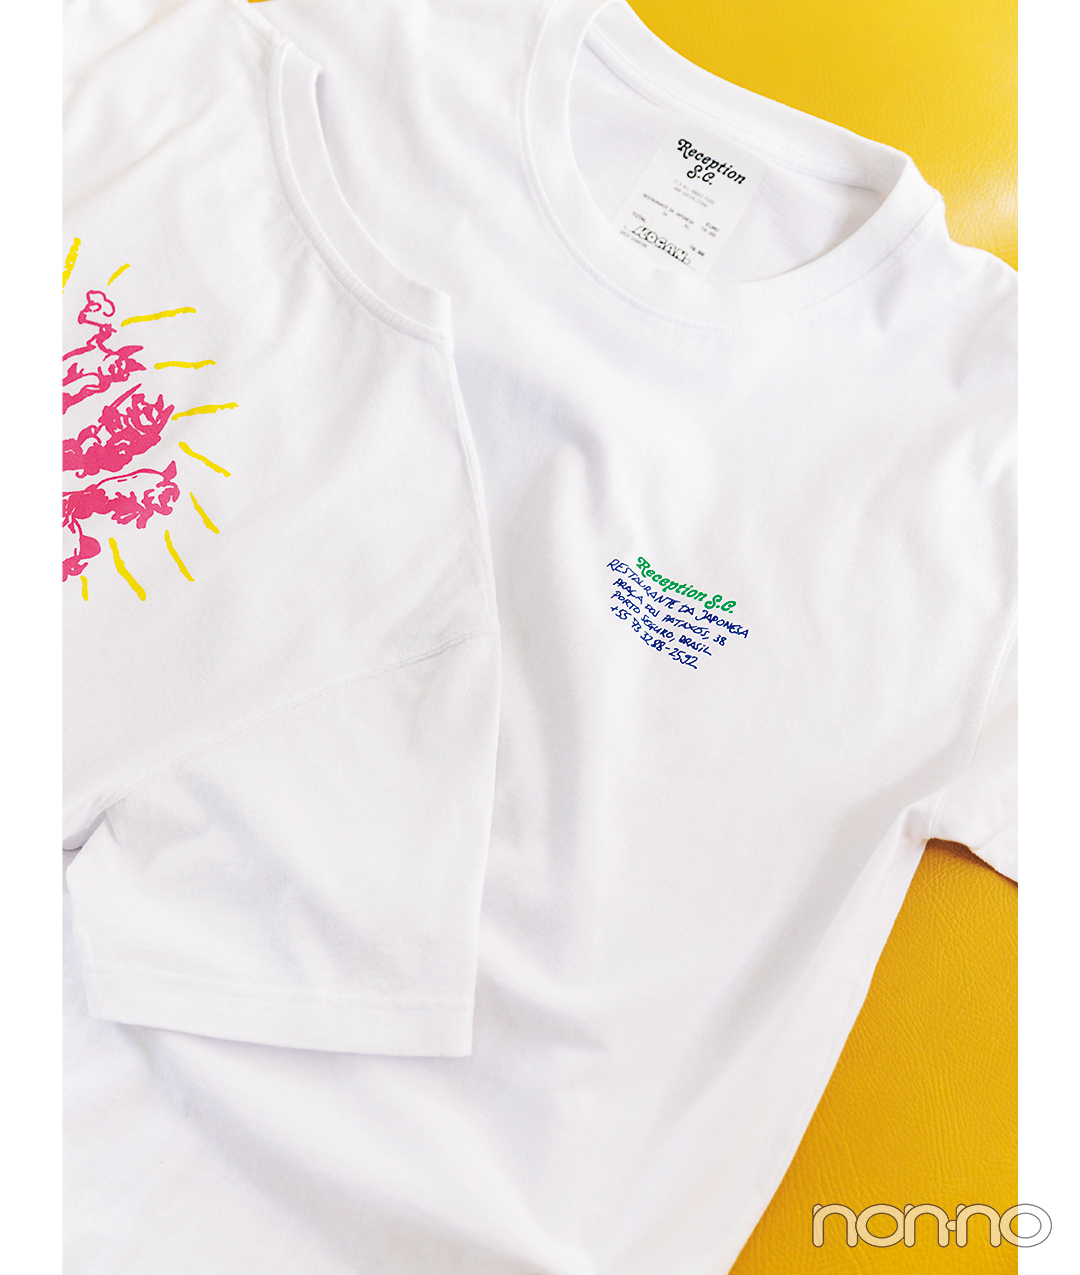 Photo Gallery|この夏買うべき! 2021年の本命Tシャツリスト_1_2